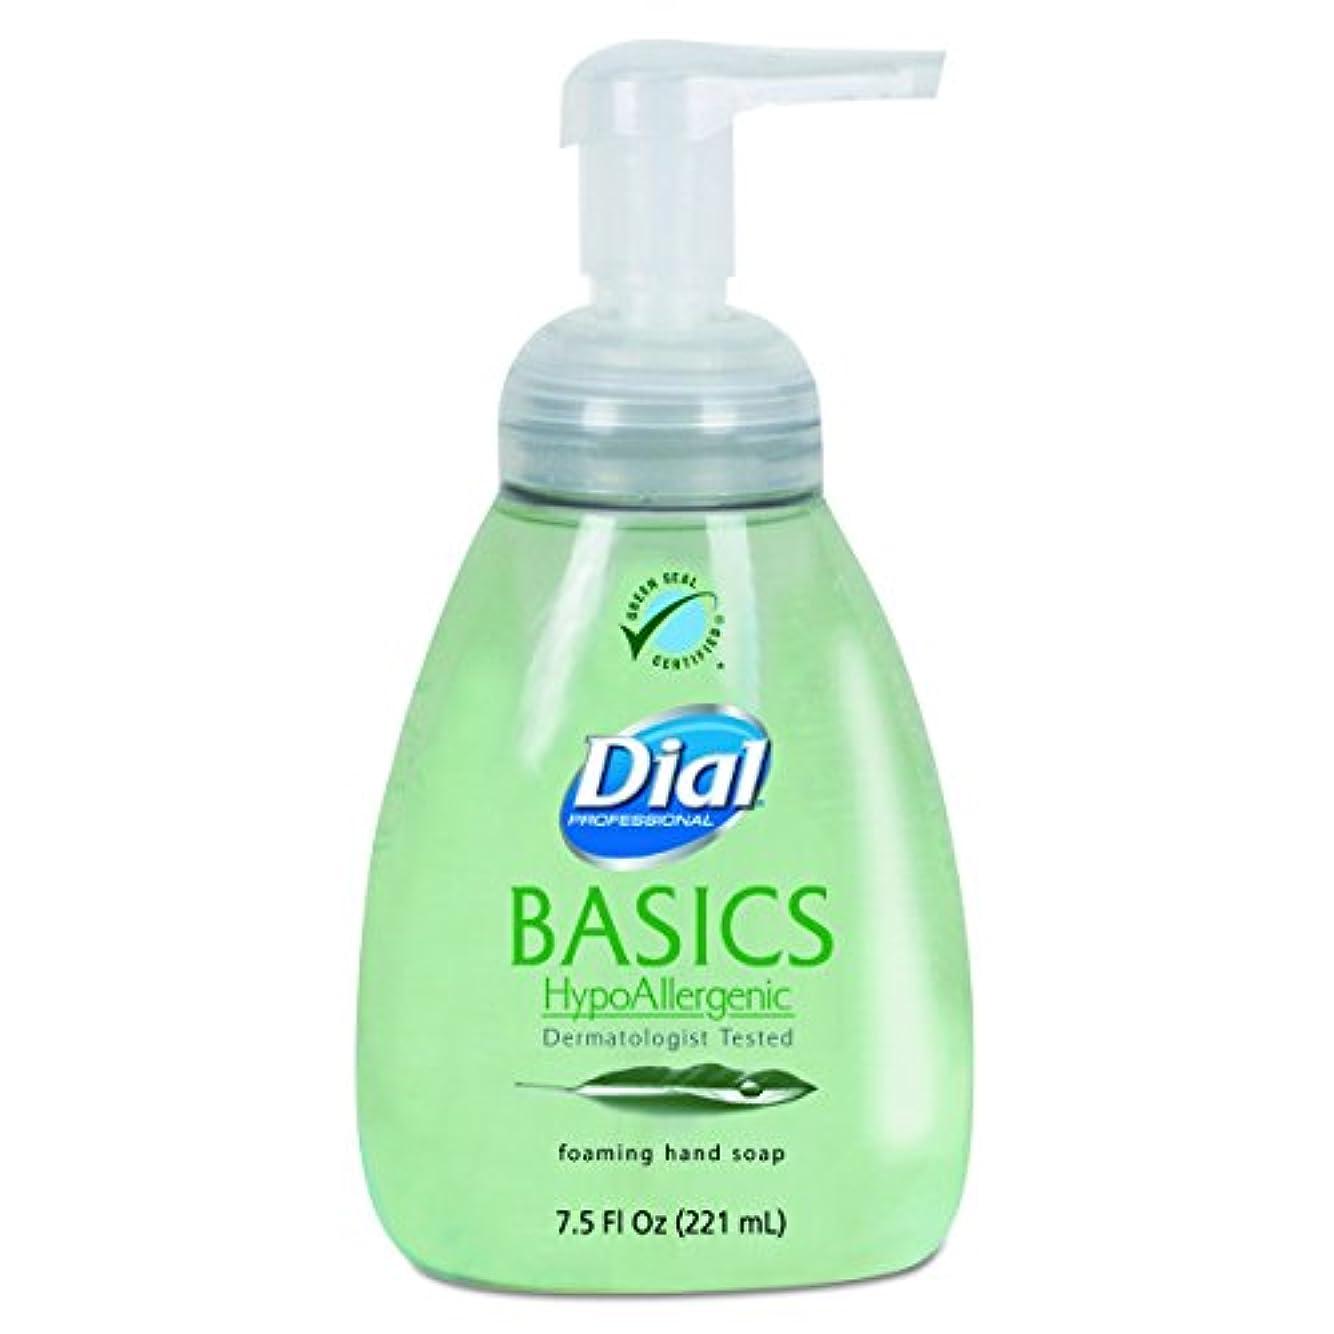 ばかげた文ペルメルダイヤルProfessional 6042 Basics Foaming Hand Soap、7.5 Oz、Honeysuckle